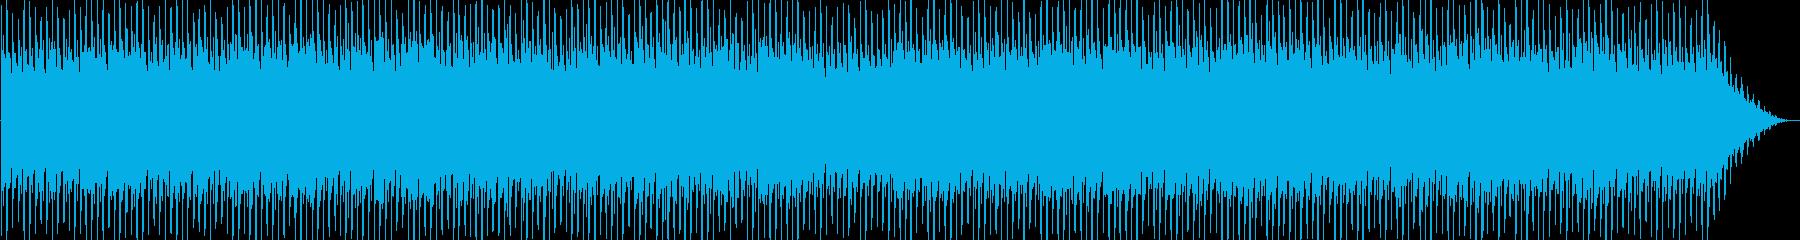 明るい躍動感あるテクノ音の再生済みの波形